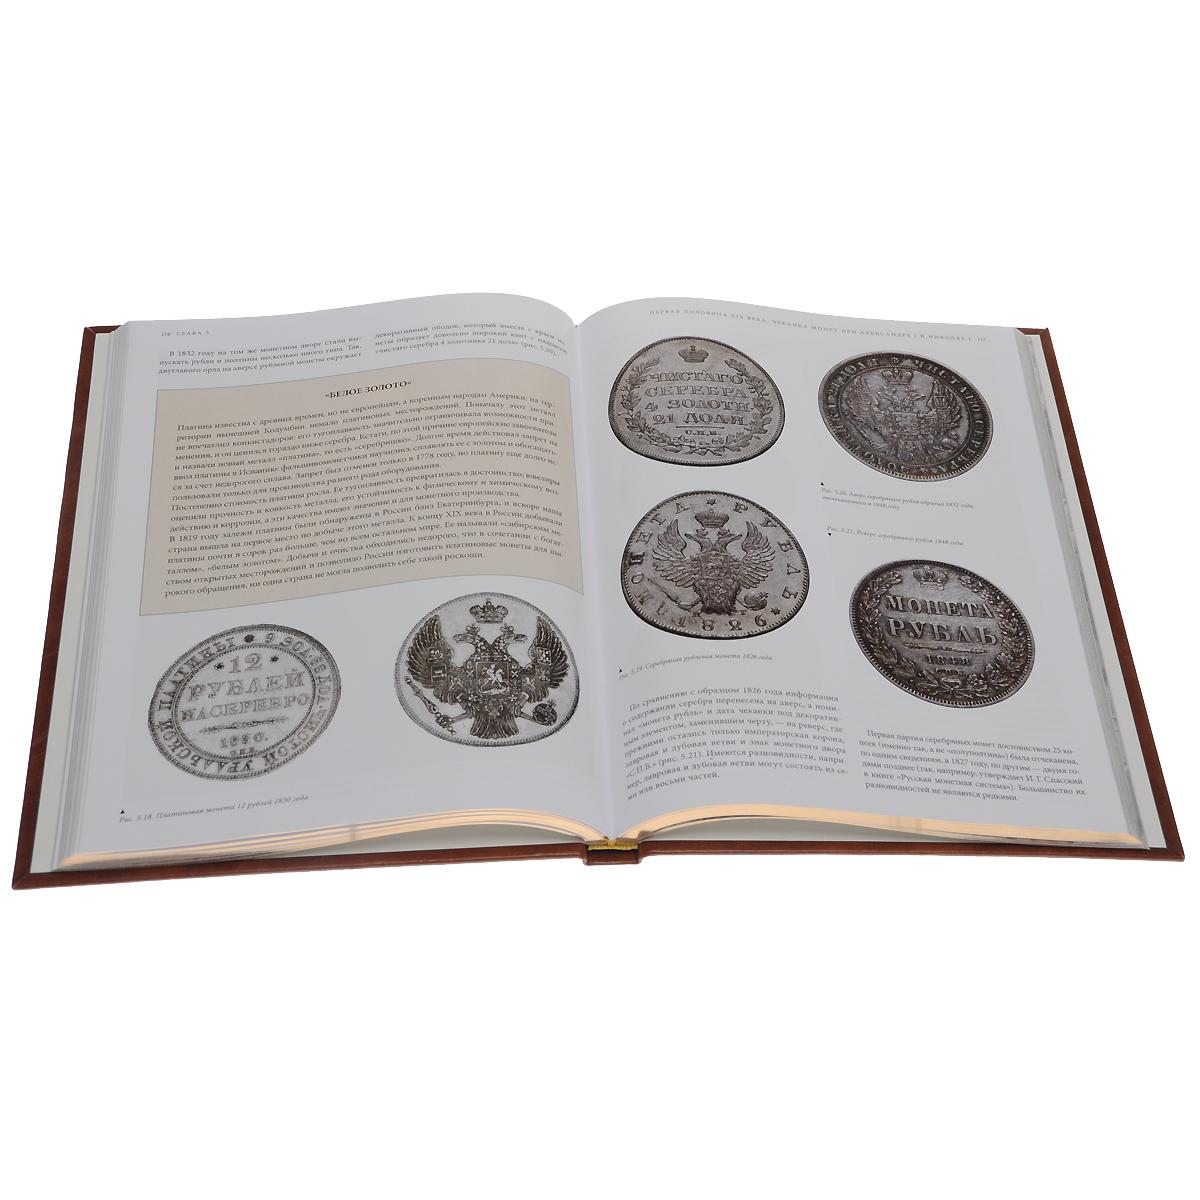 Русские монеты от Петра I до Николая II. Большая иллюстрированная энциклопедия (подарочное издание)